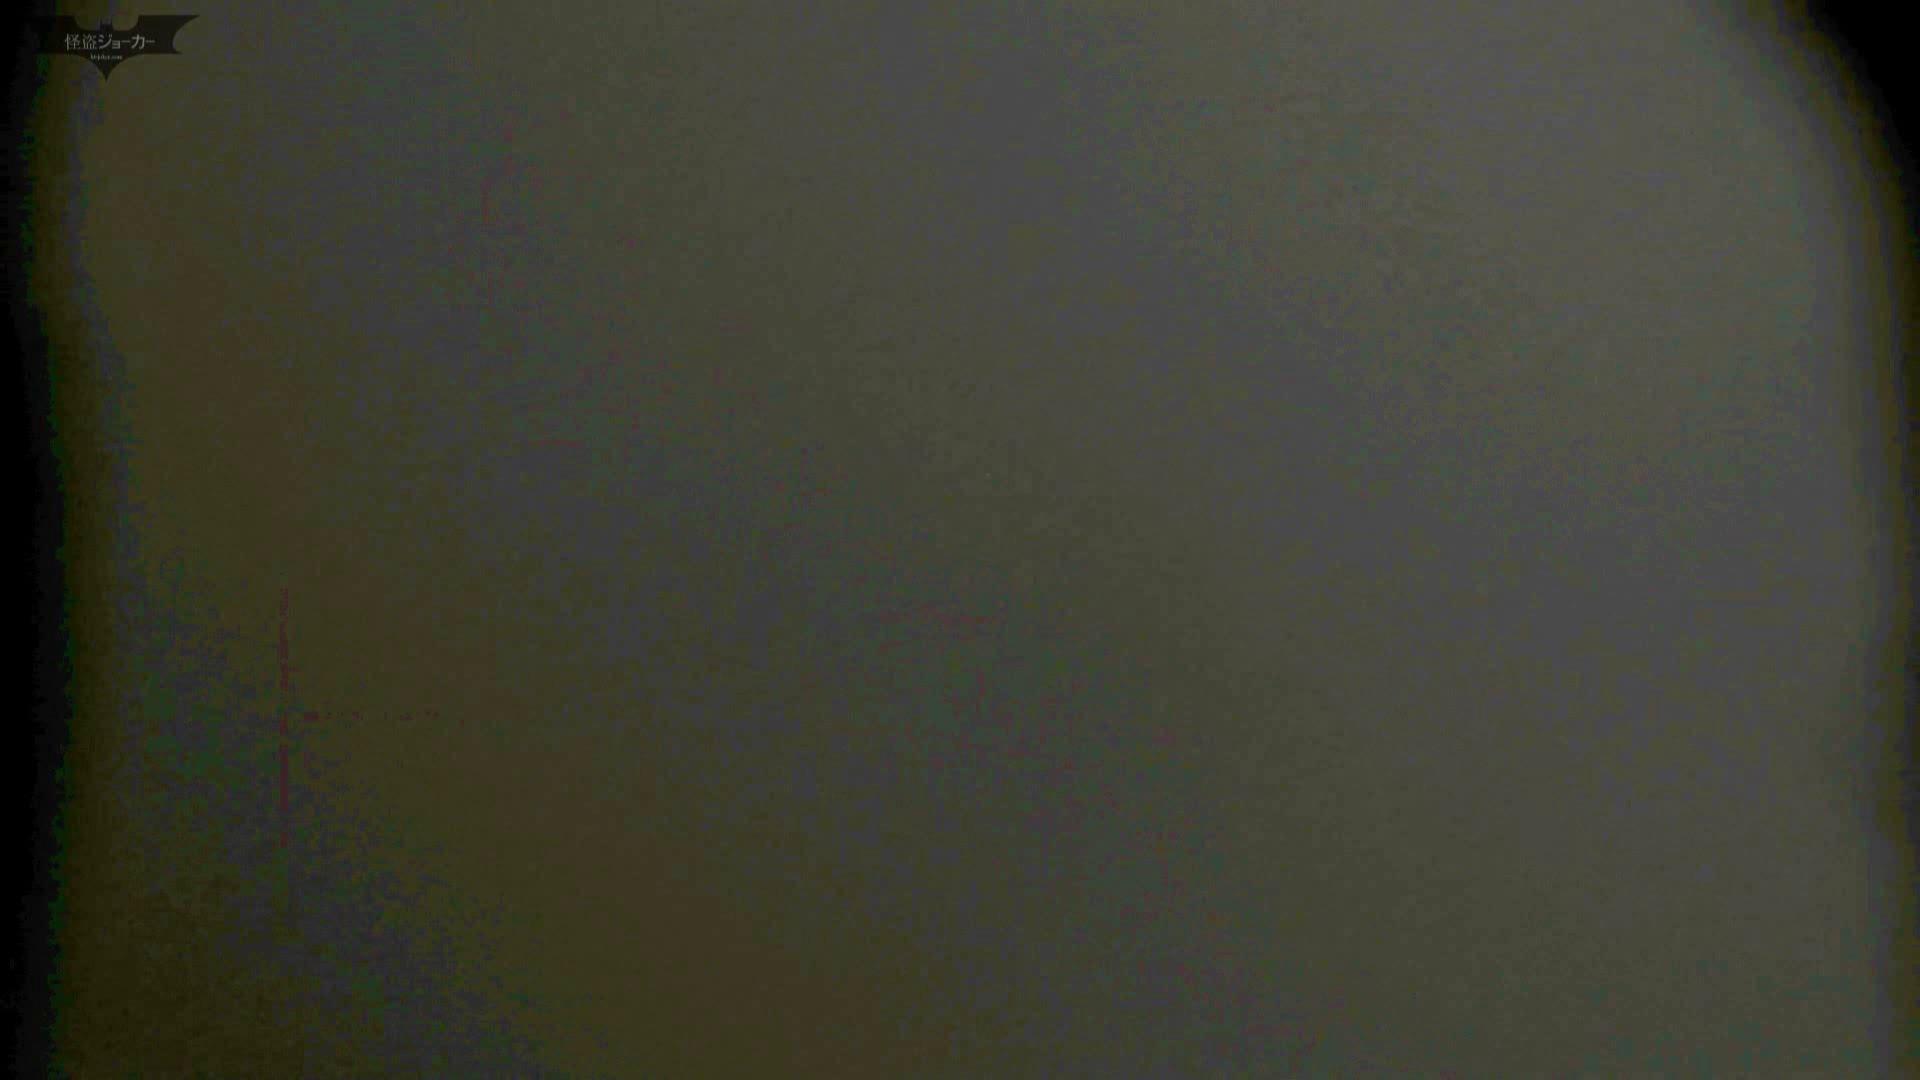 【潜入トイレ盗撮】洗面所特攻隊 vol.70 極上品の連続、歌いながら美女入室 盗撮エロすぎ | トイレ中  90連発 30